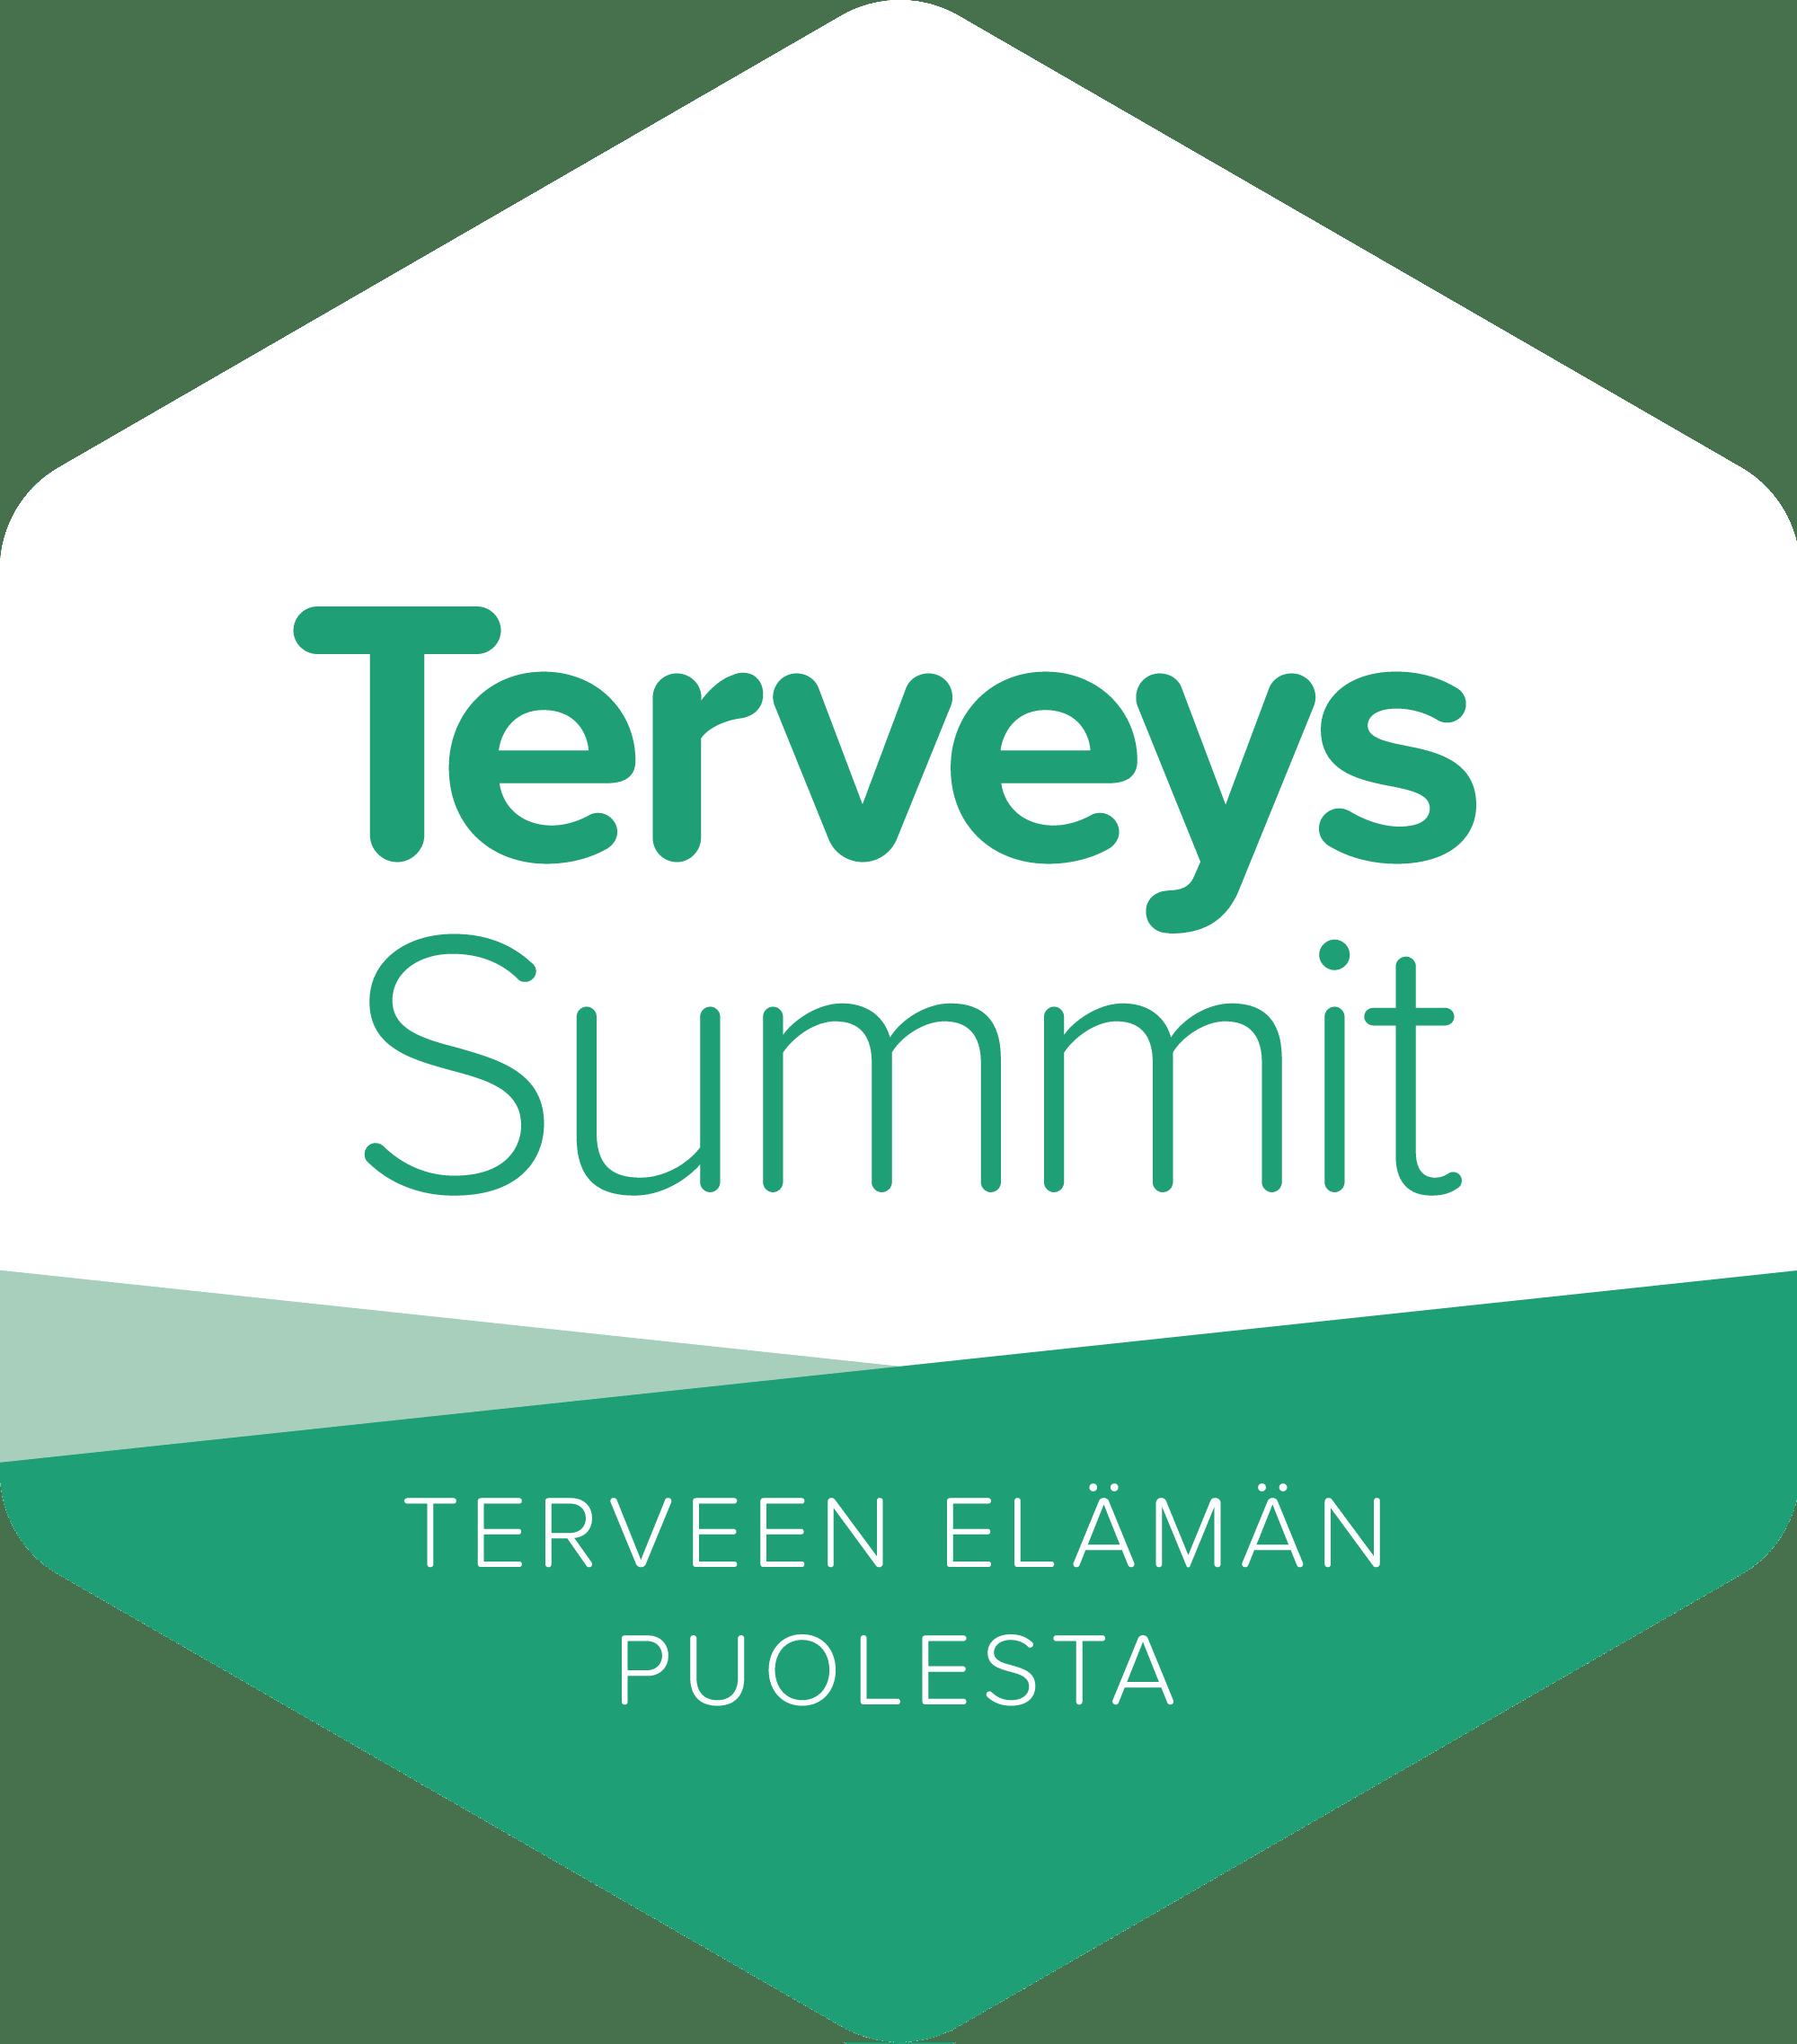 TerveysSummit - uusinta terveystietoa huippuasiantuntijoilta kaikille suomalaisille